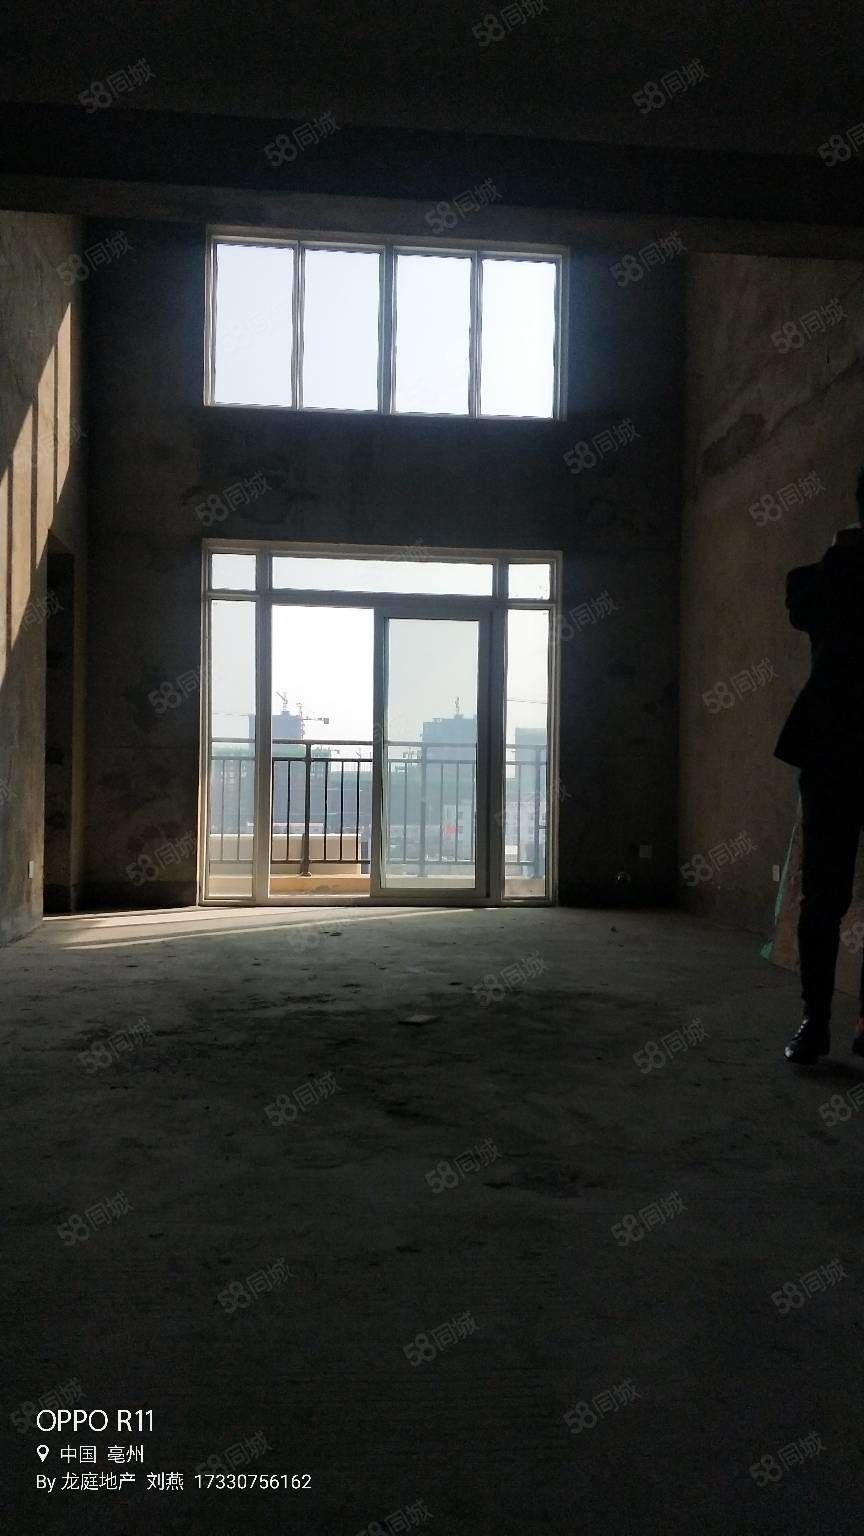 伊顿庄园洋房复式楼,176多平方,四室可首付